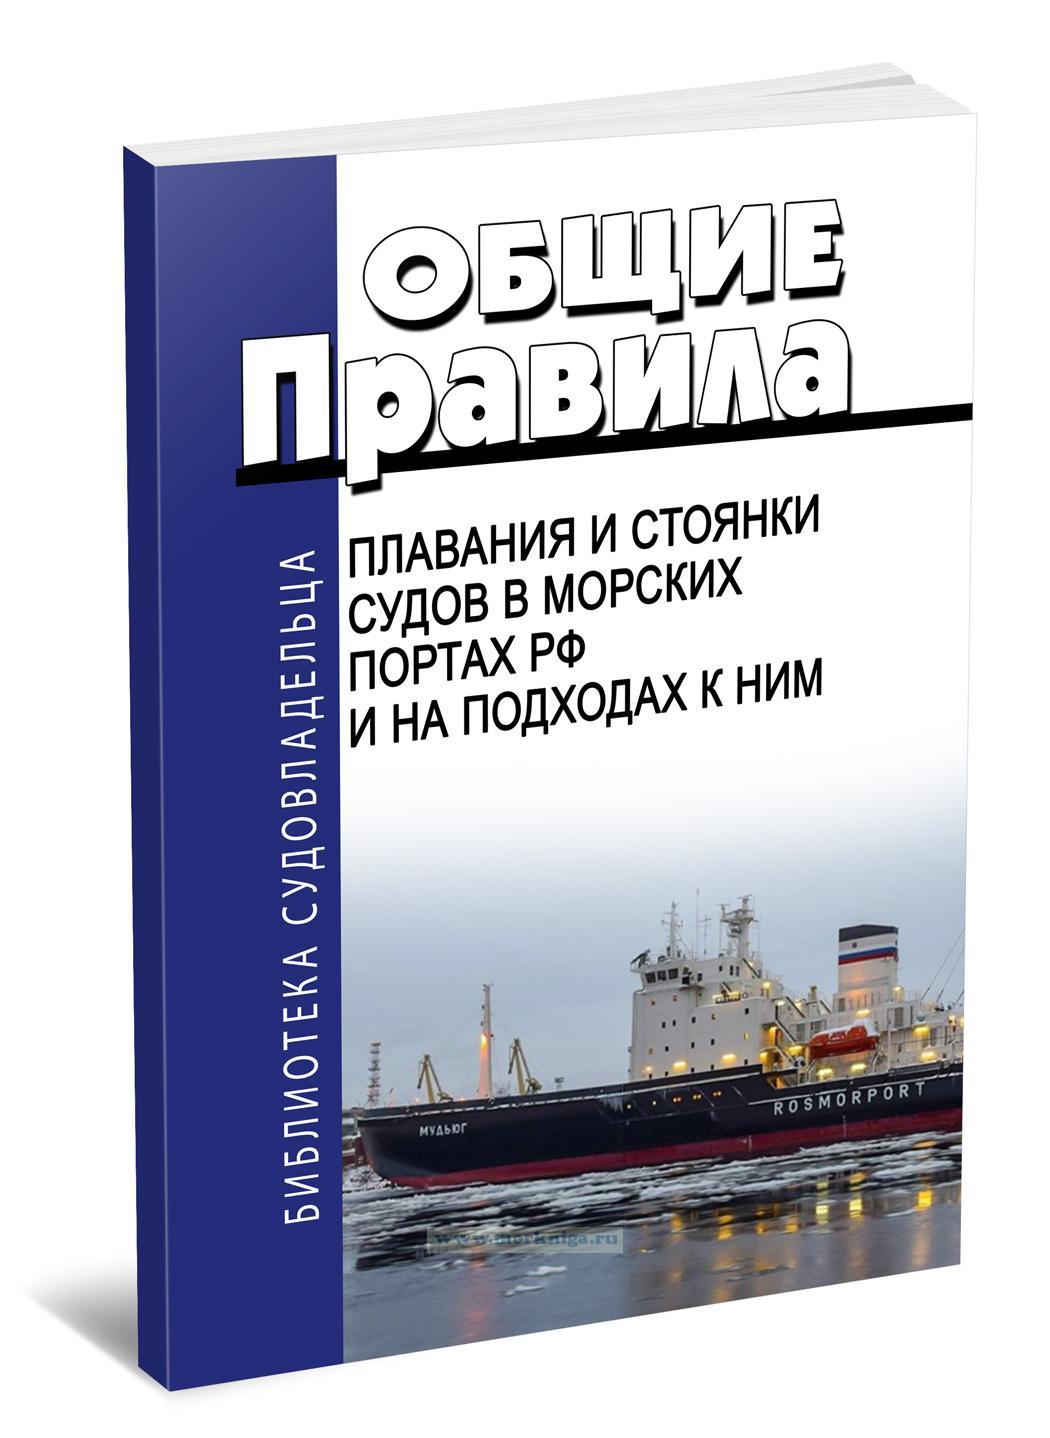 Общие правила плавания и стоянки судов в морских портах РФ и на подходах к ним 2018 год. Последняя редакция